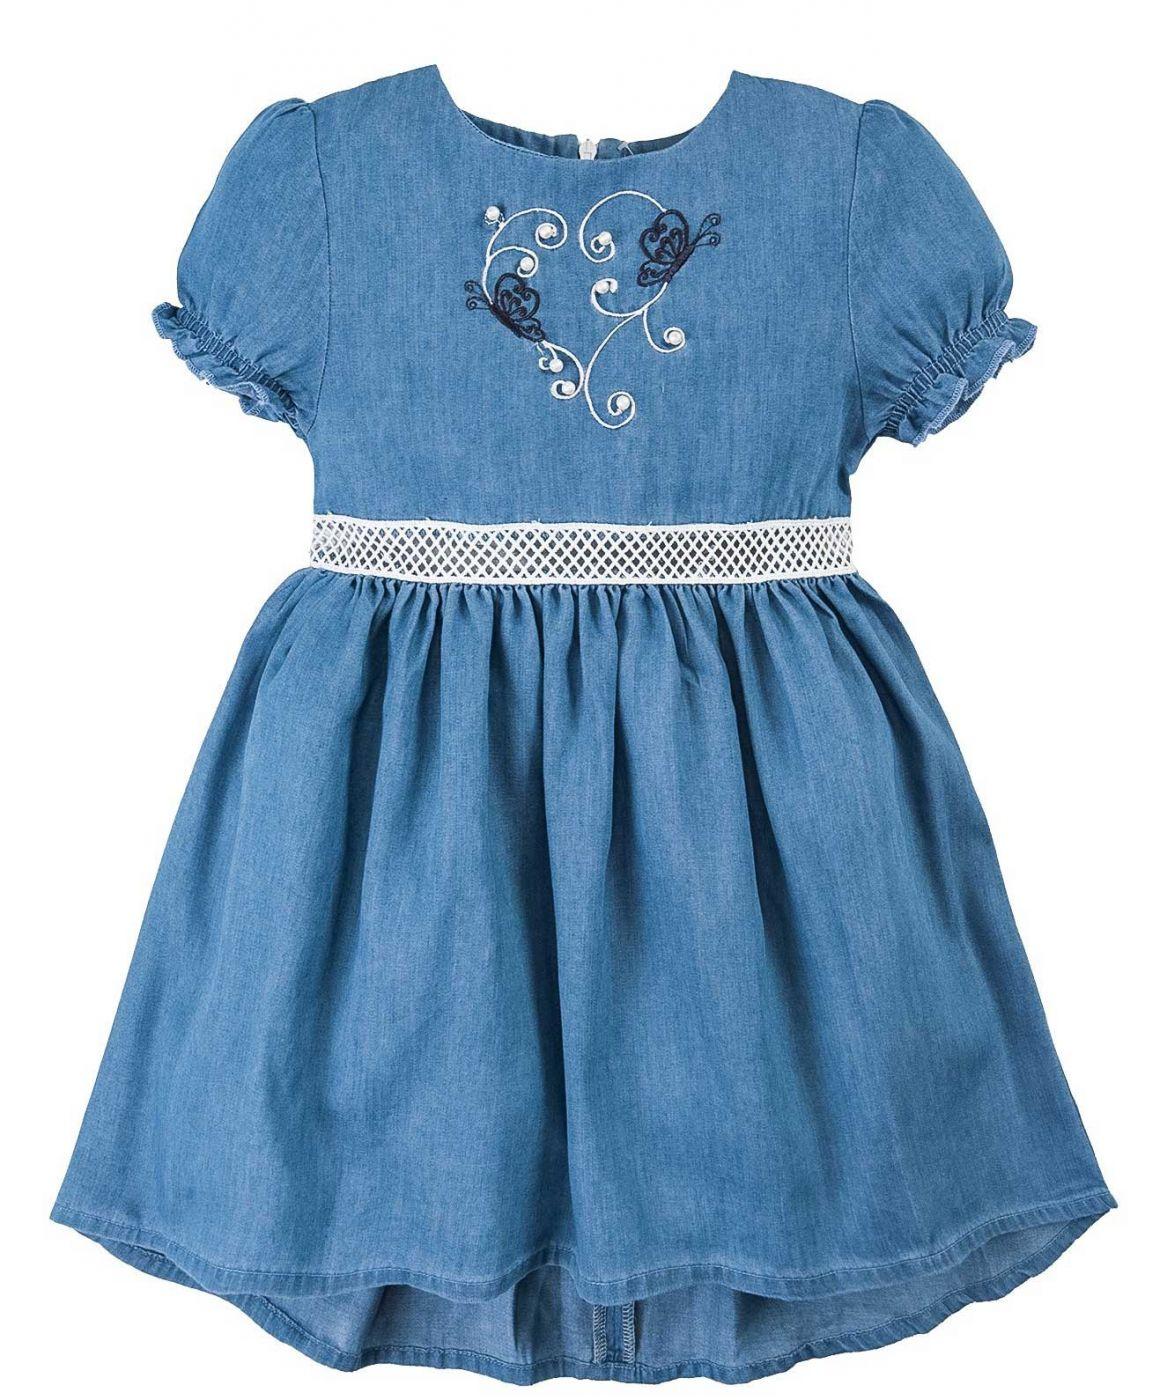 Джинсовое платье для девочки Bonito Jeans